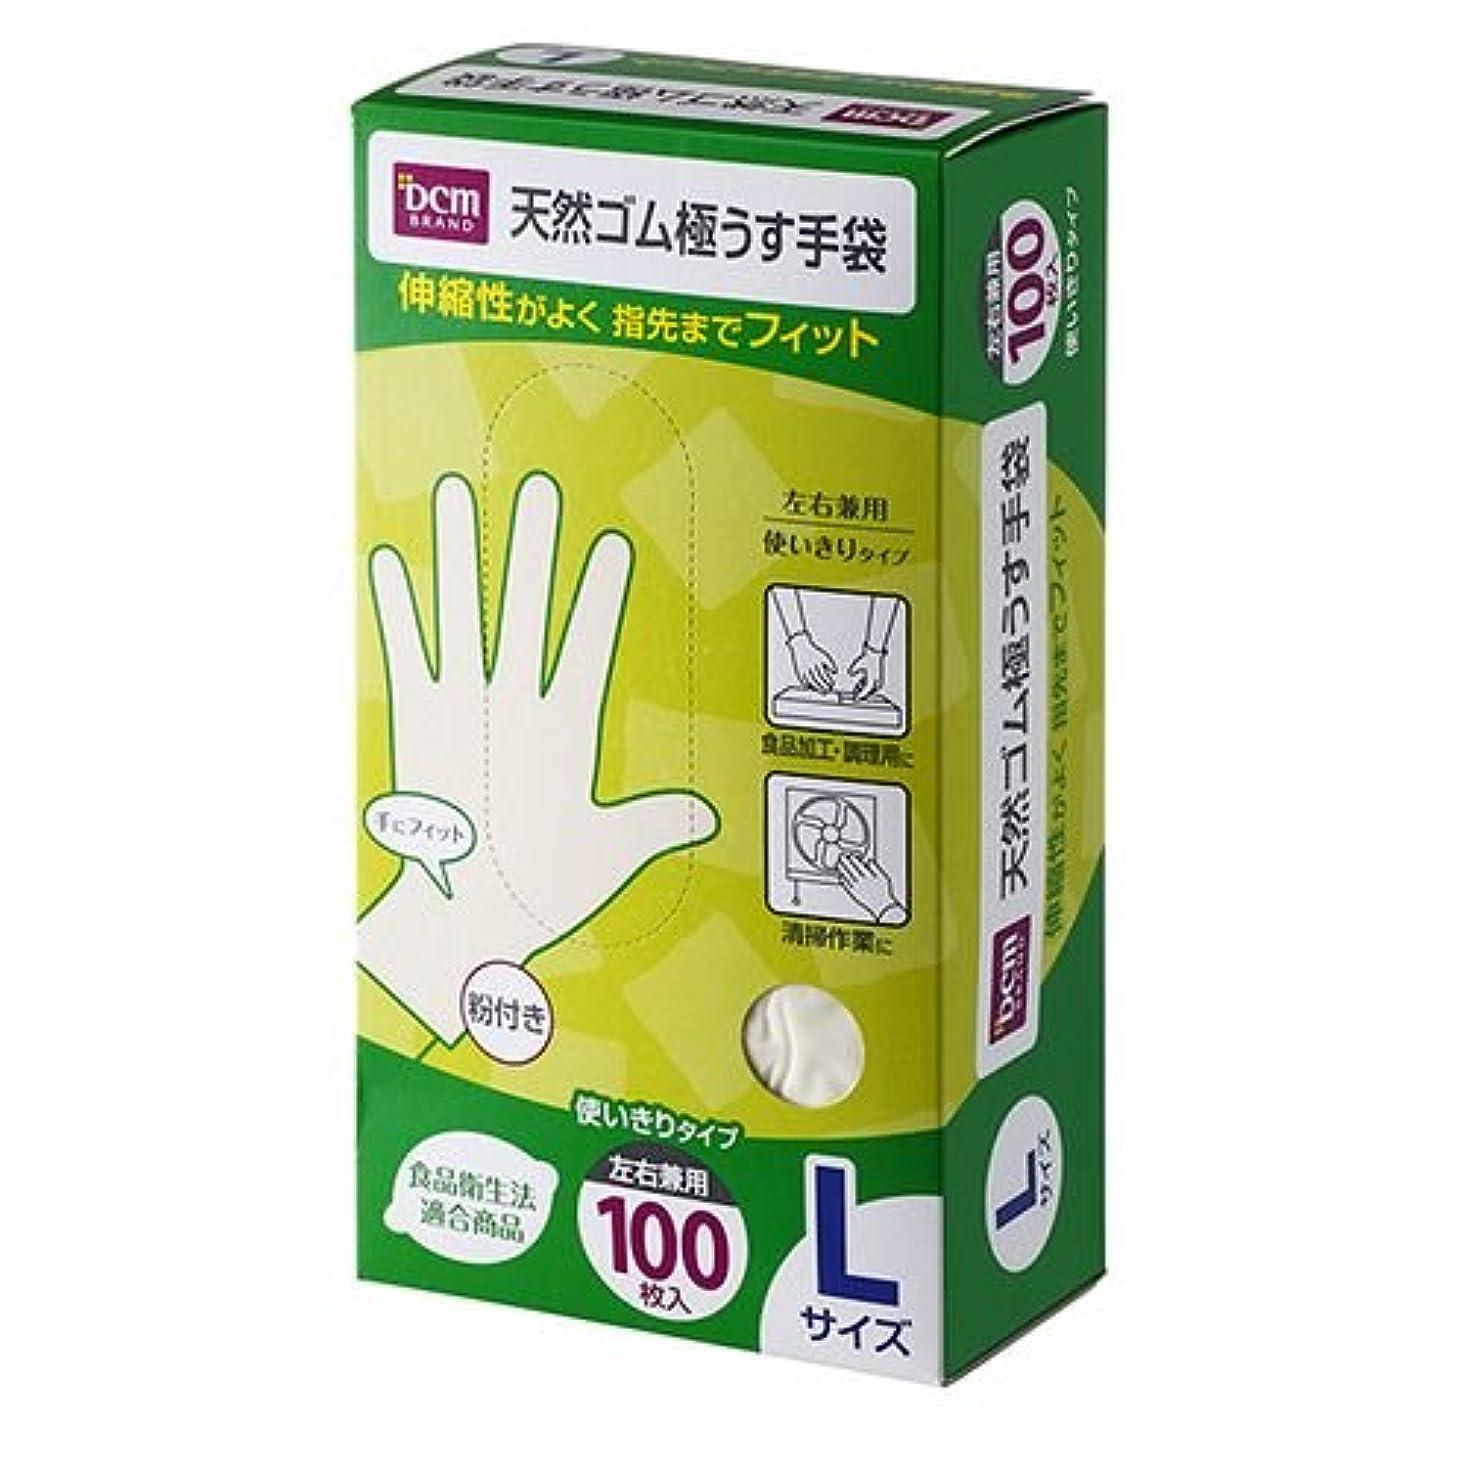 枯渇シンクバイアス天然ゴム 極うす 手袋 HI06T81 L 100枚入 L